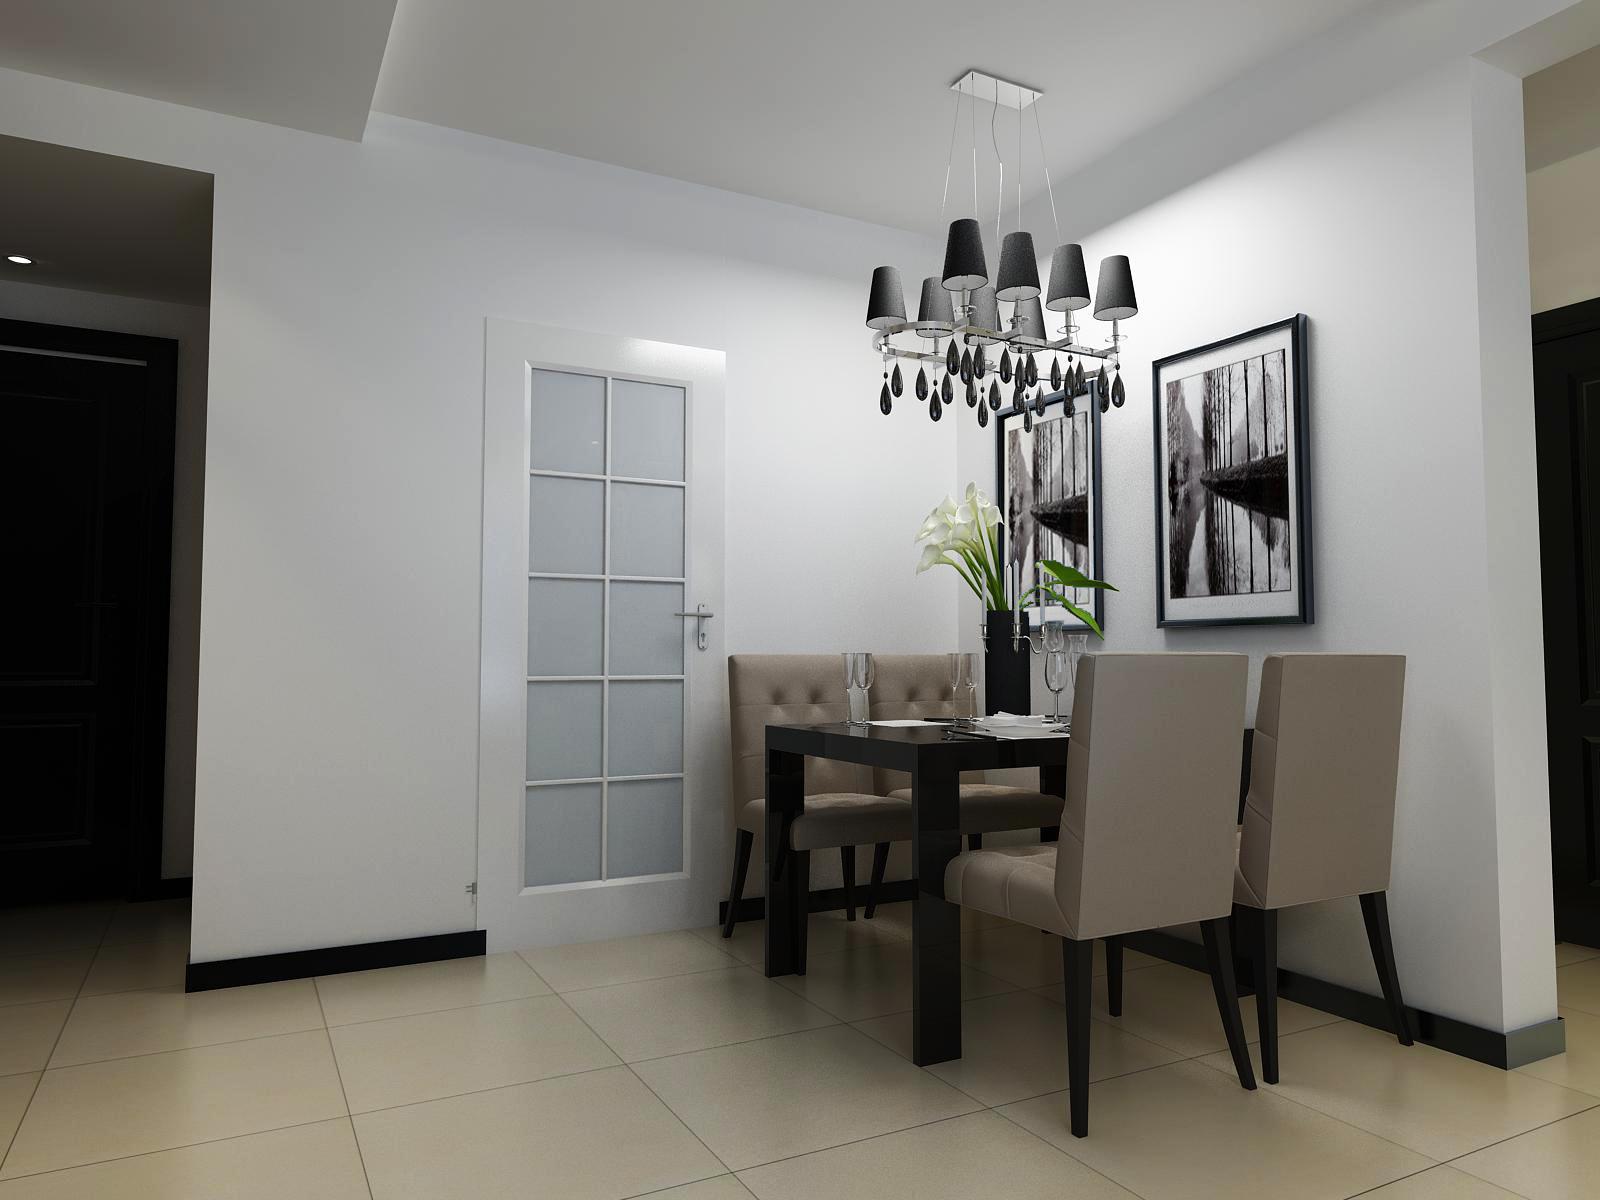 金地檀溪现代简约88平二居室装修设计效果图高清图片